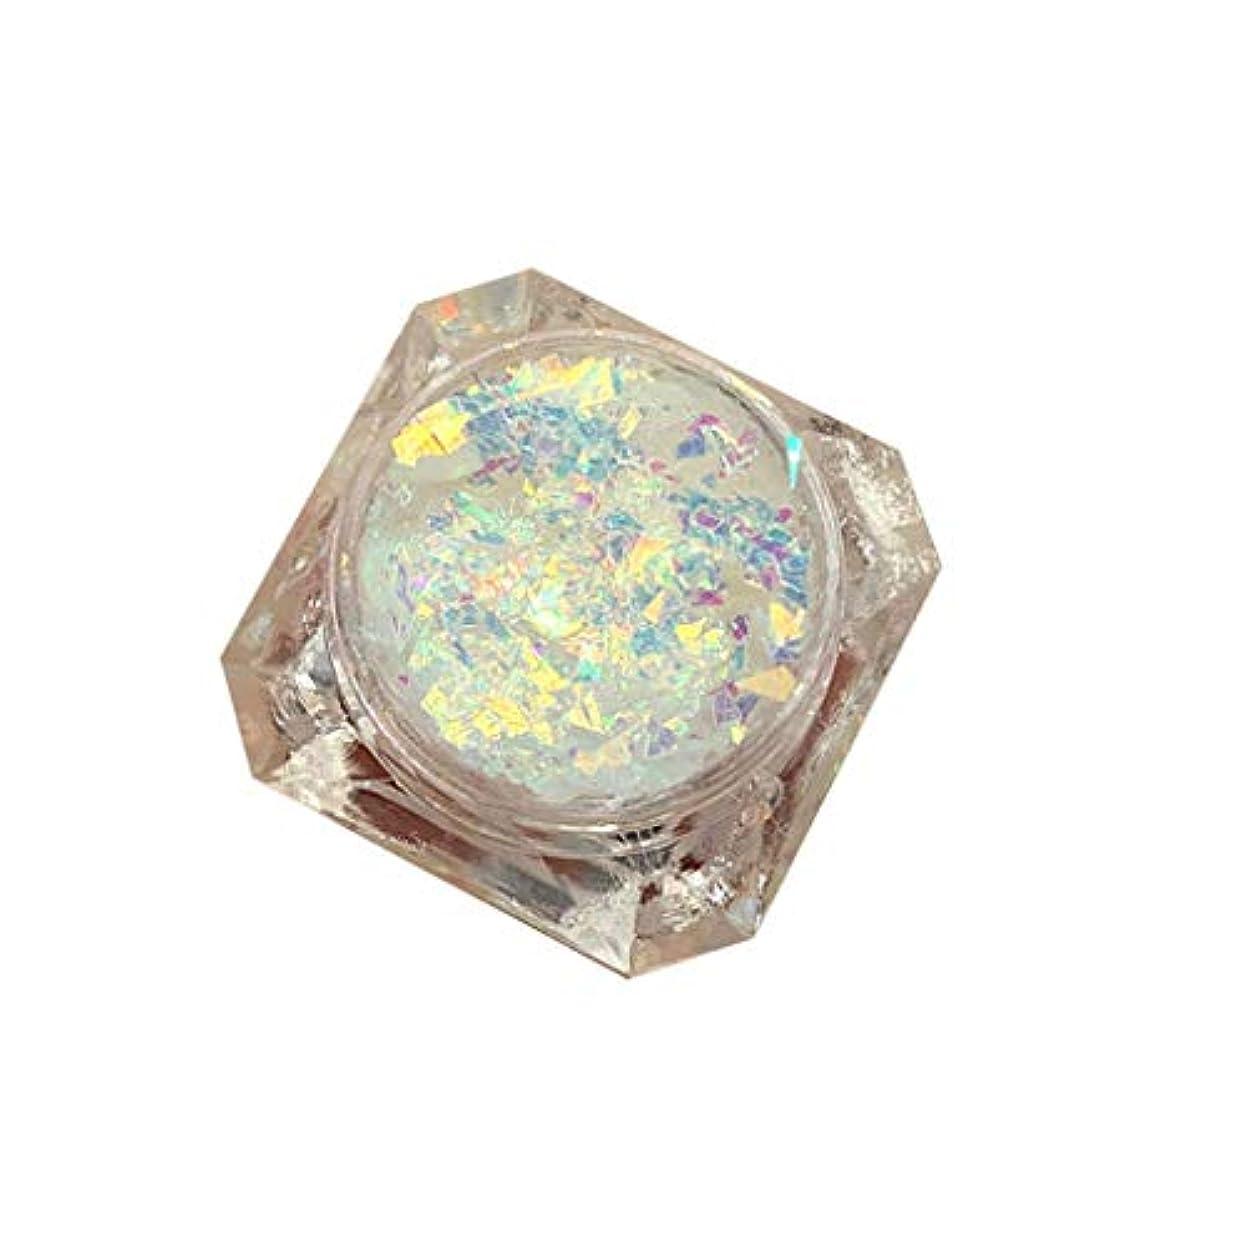 複製スクランブル再撮りGOOD lask 接着剤フリーのスパンコール混合ゲルジェルクリーム真珠光沢のある高光沢グリッターグリッターアイパウダールースパウダージェルシャドウセット (N)